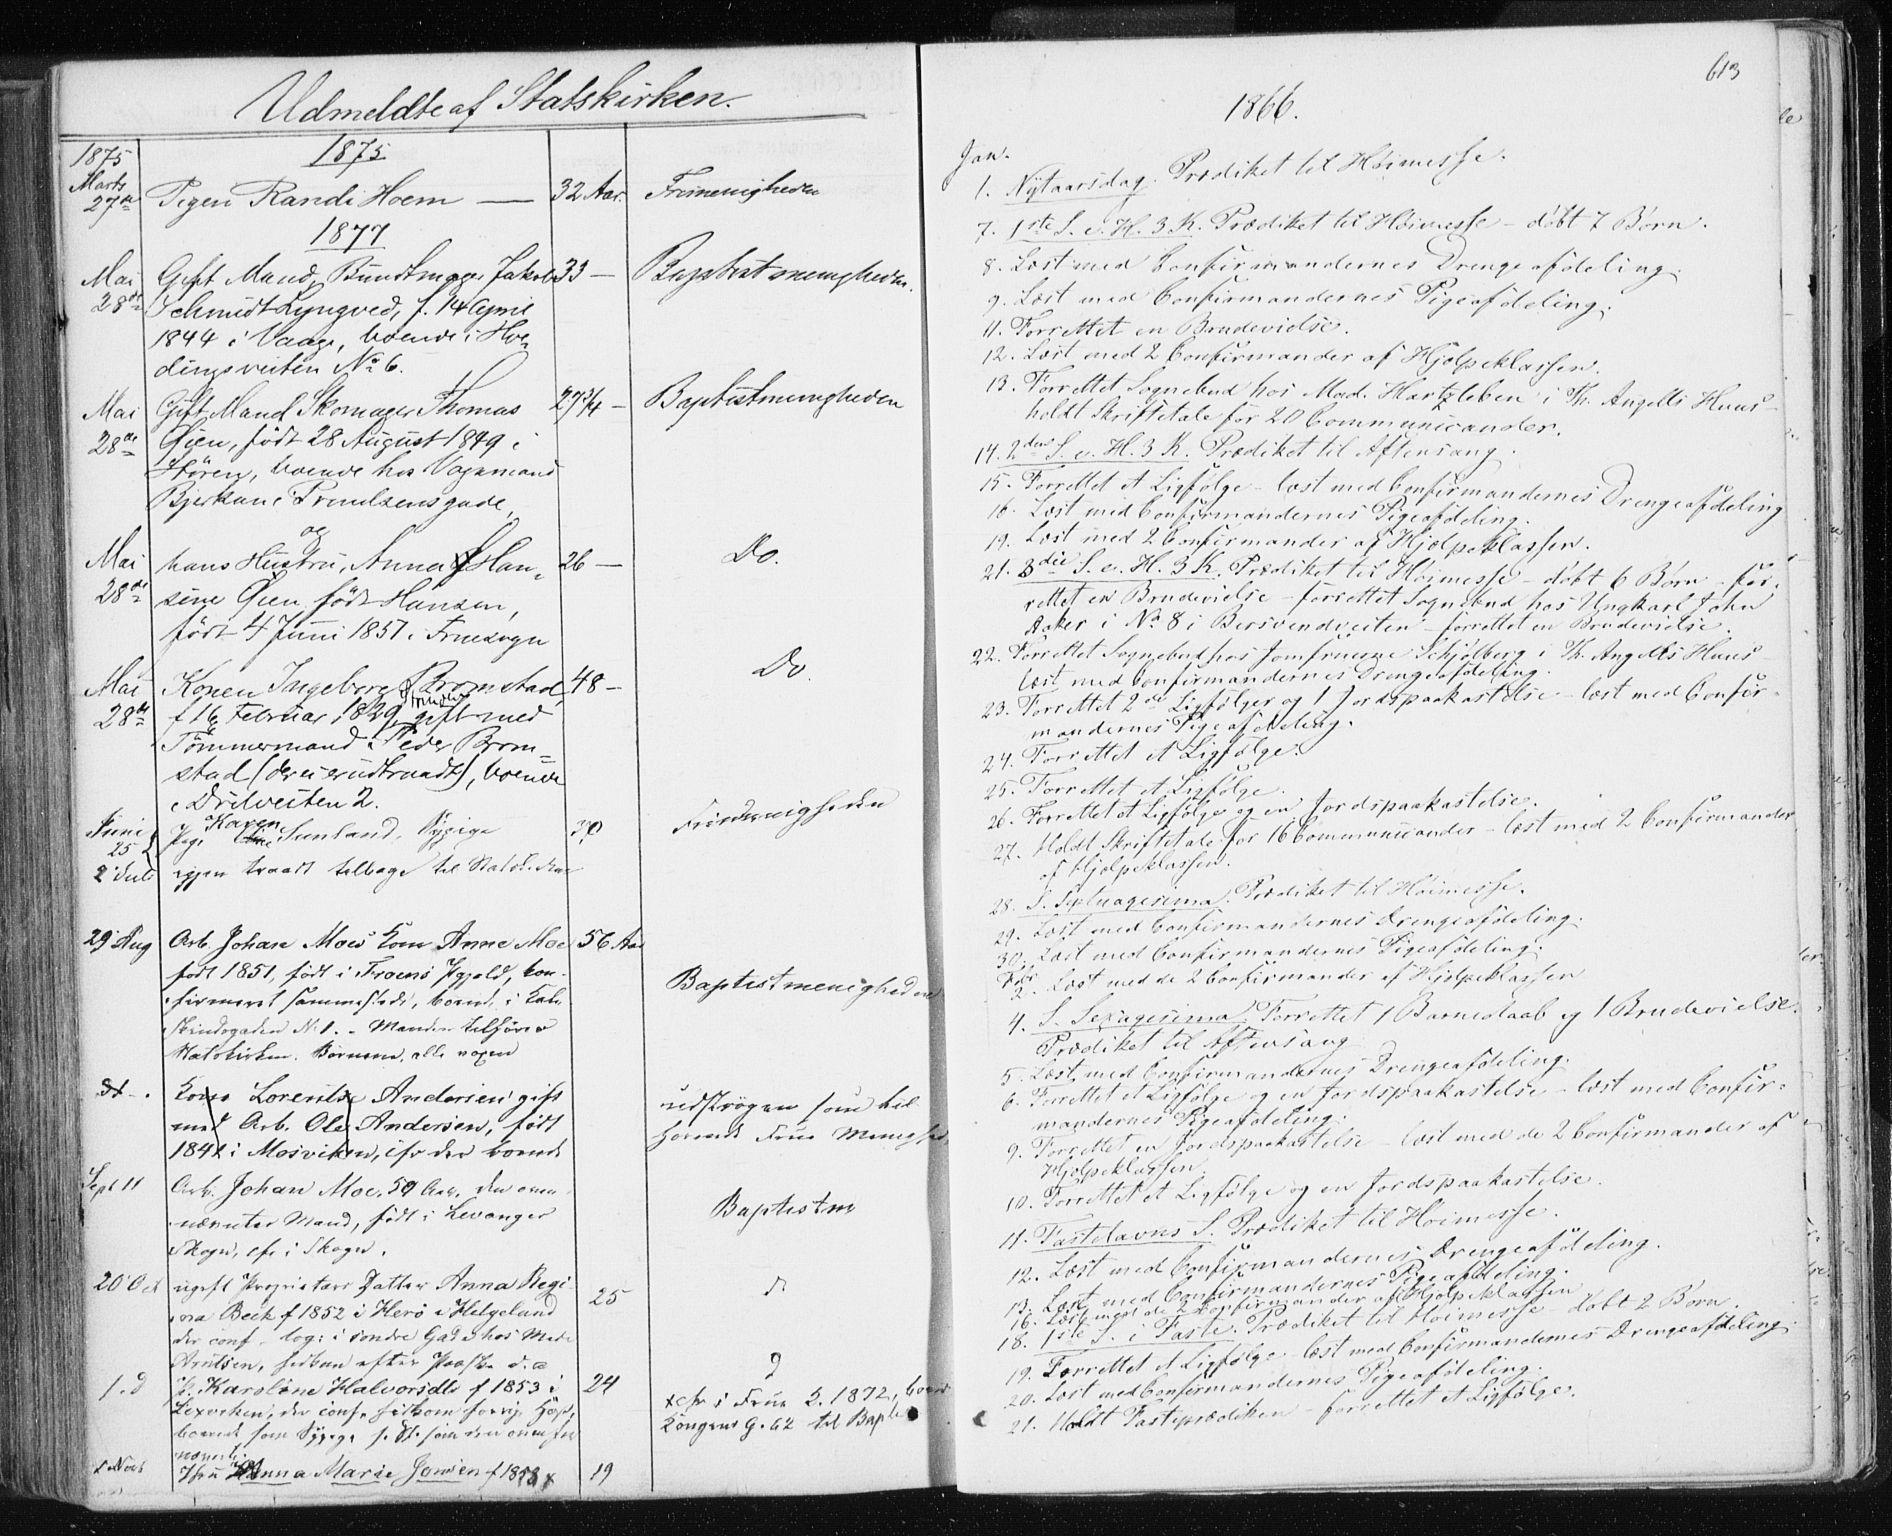 SAT, Ministerialprotokoller, klokkerbøker og fødselsregistre - Sør-Trøndelag, 601/L0055: Ministerialbok nr. 601A23, 1866-1877, s. 613